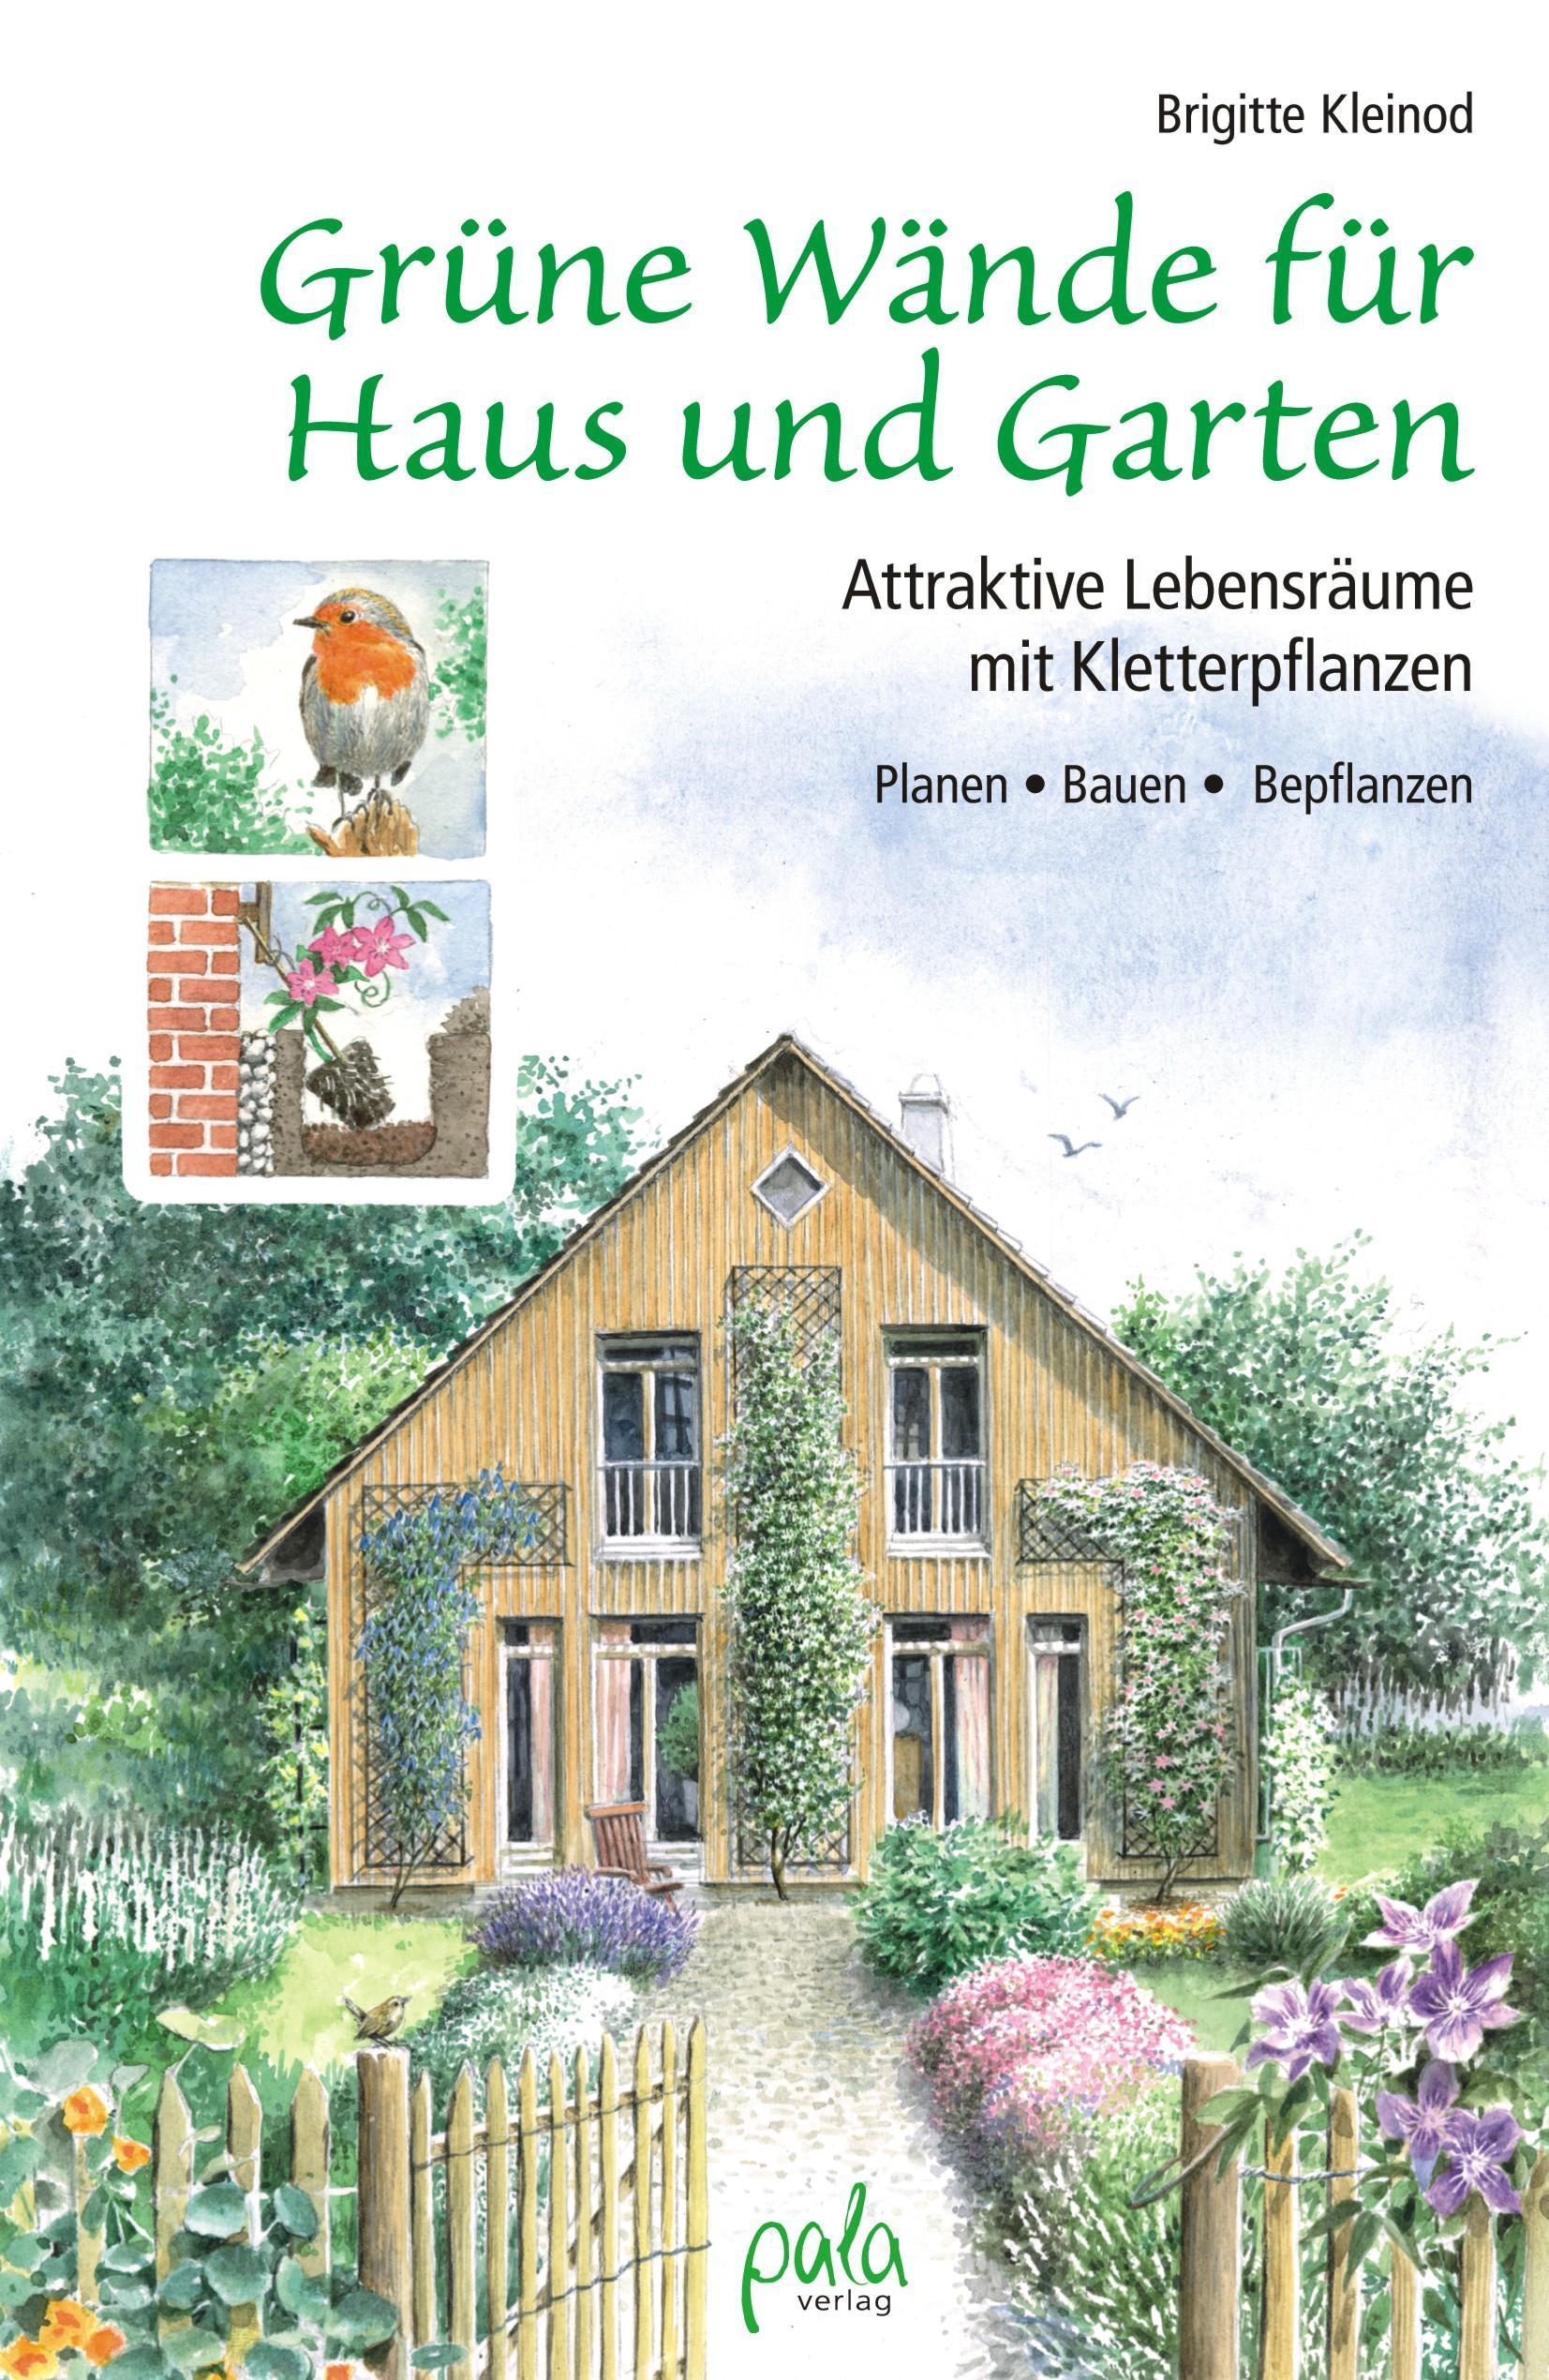 Grüne Wände für Haus und Garten